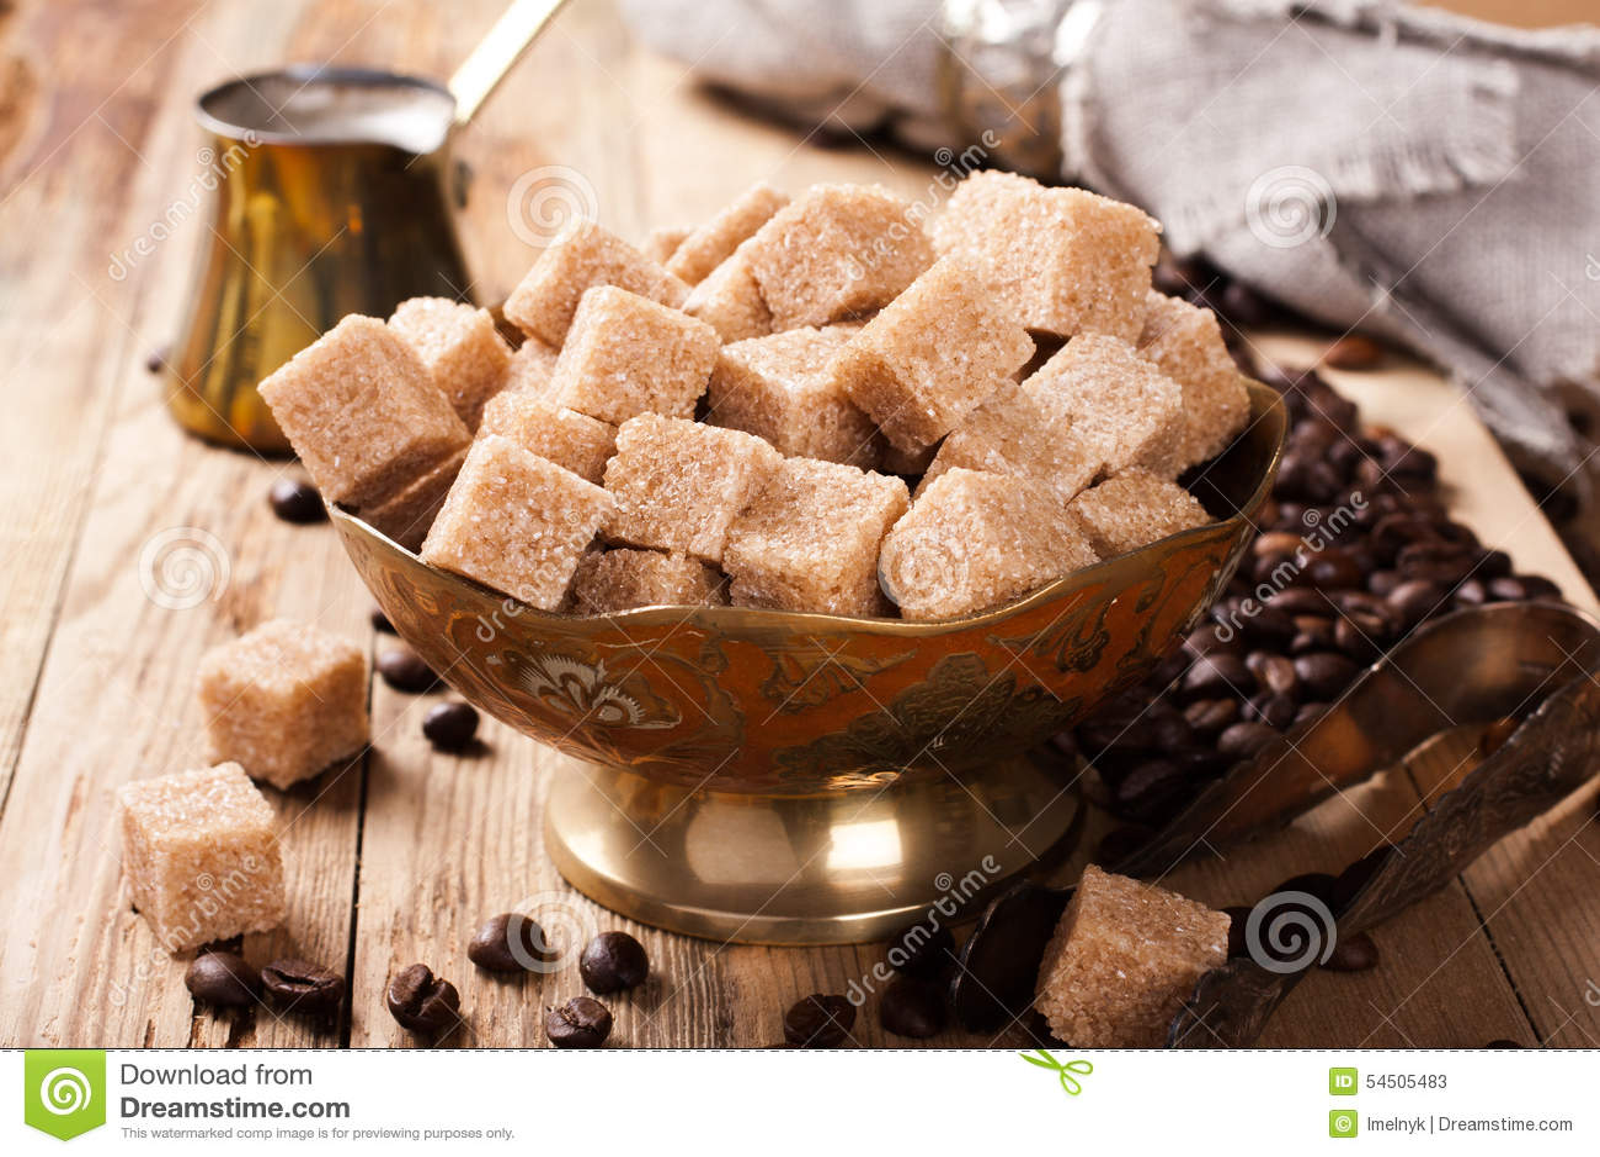 Les ingrédients et les ustensiles pour faire le café